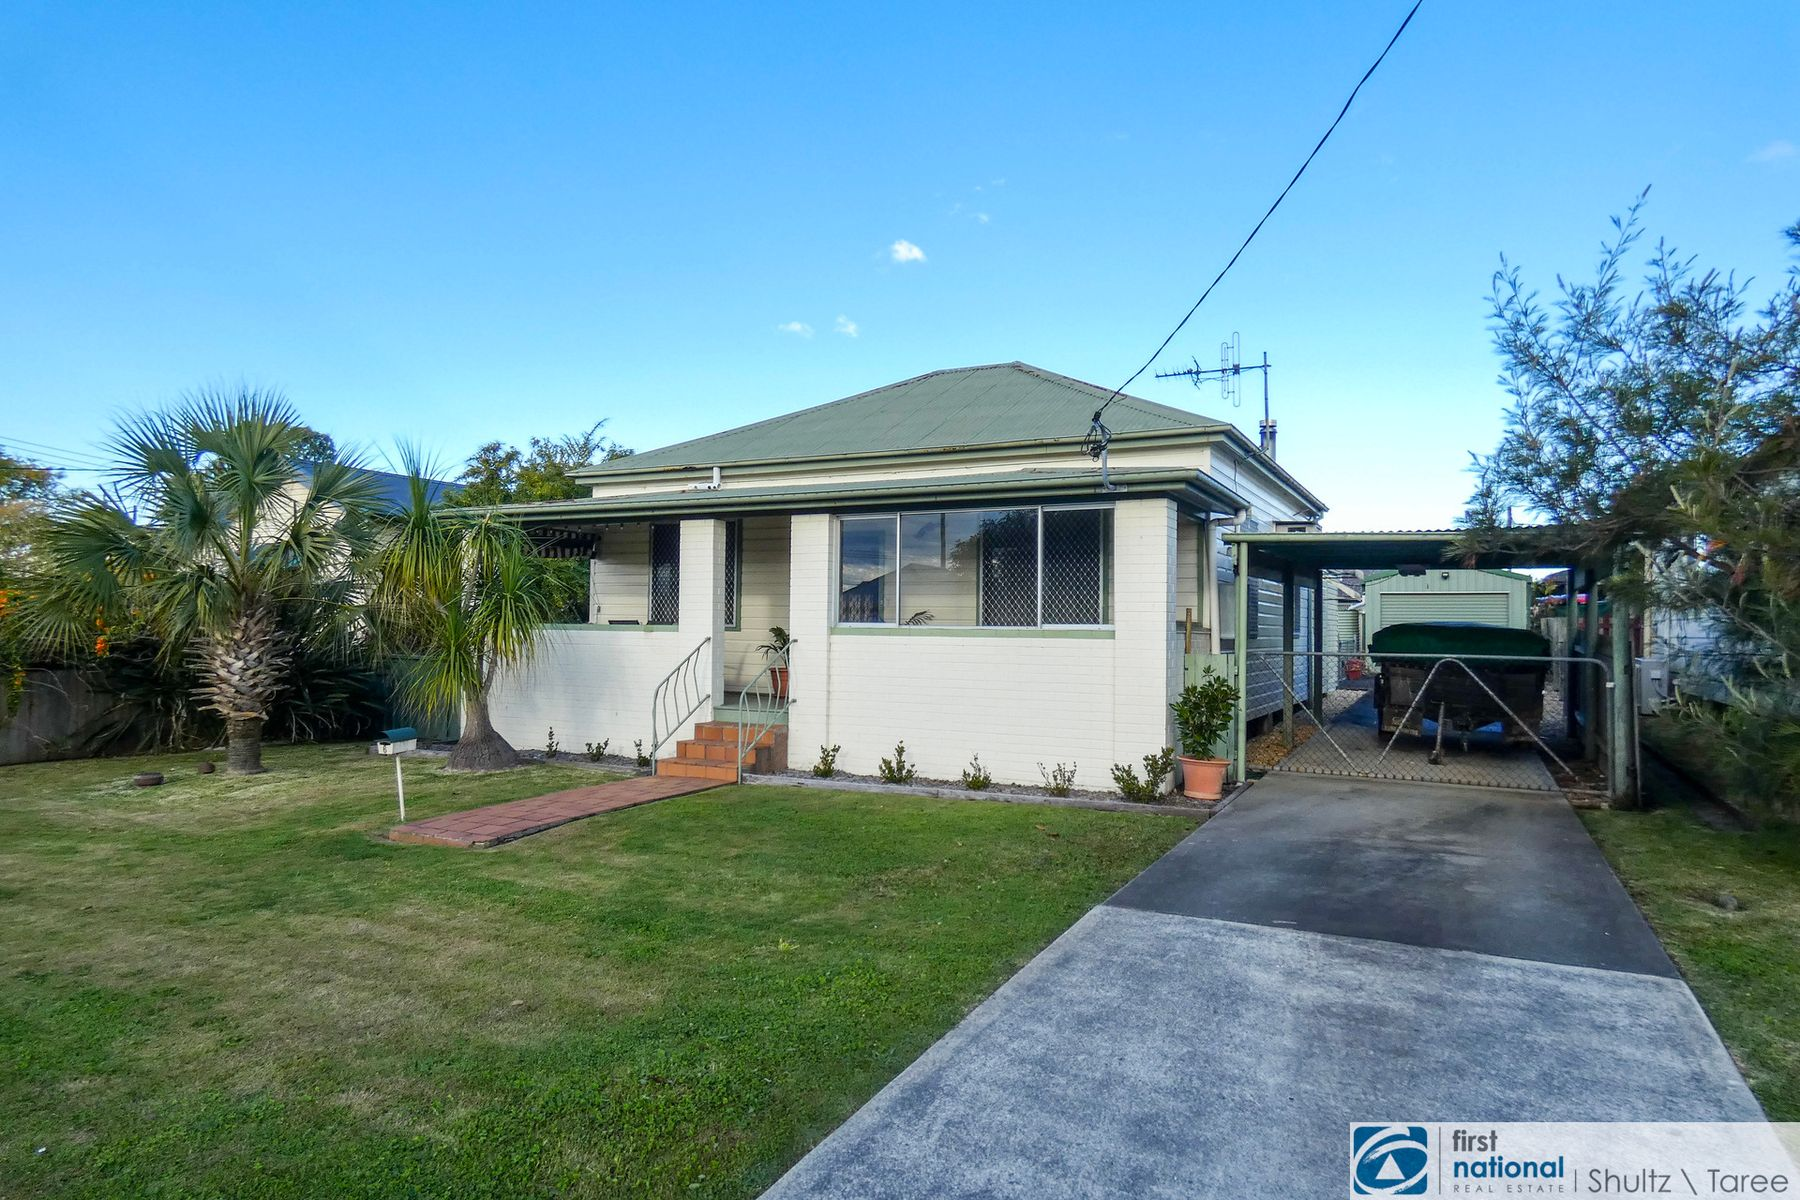 6 Eric Street, Taree, NSW 2430